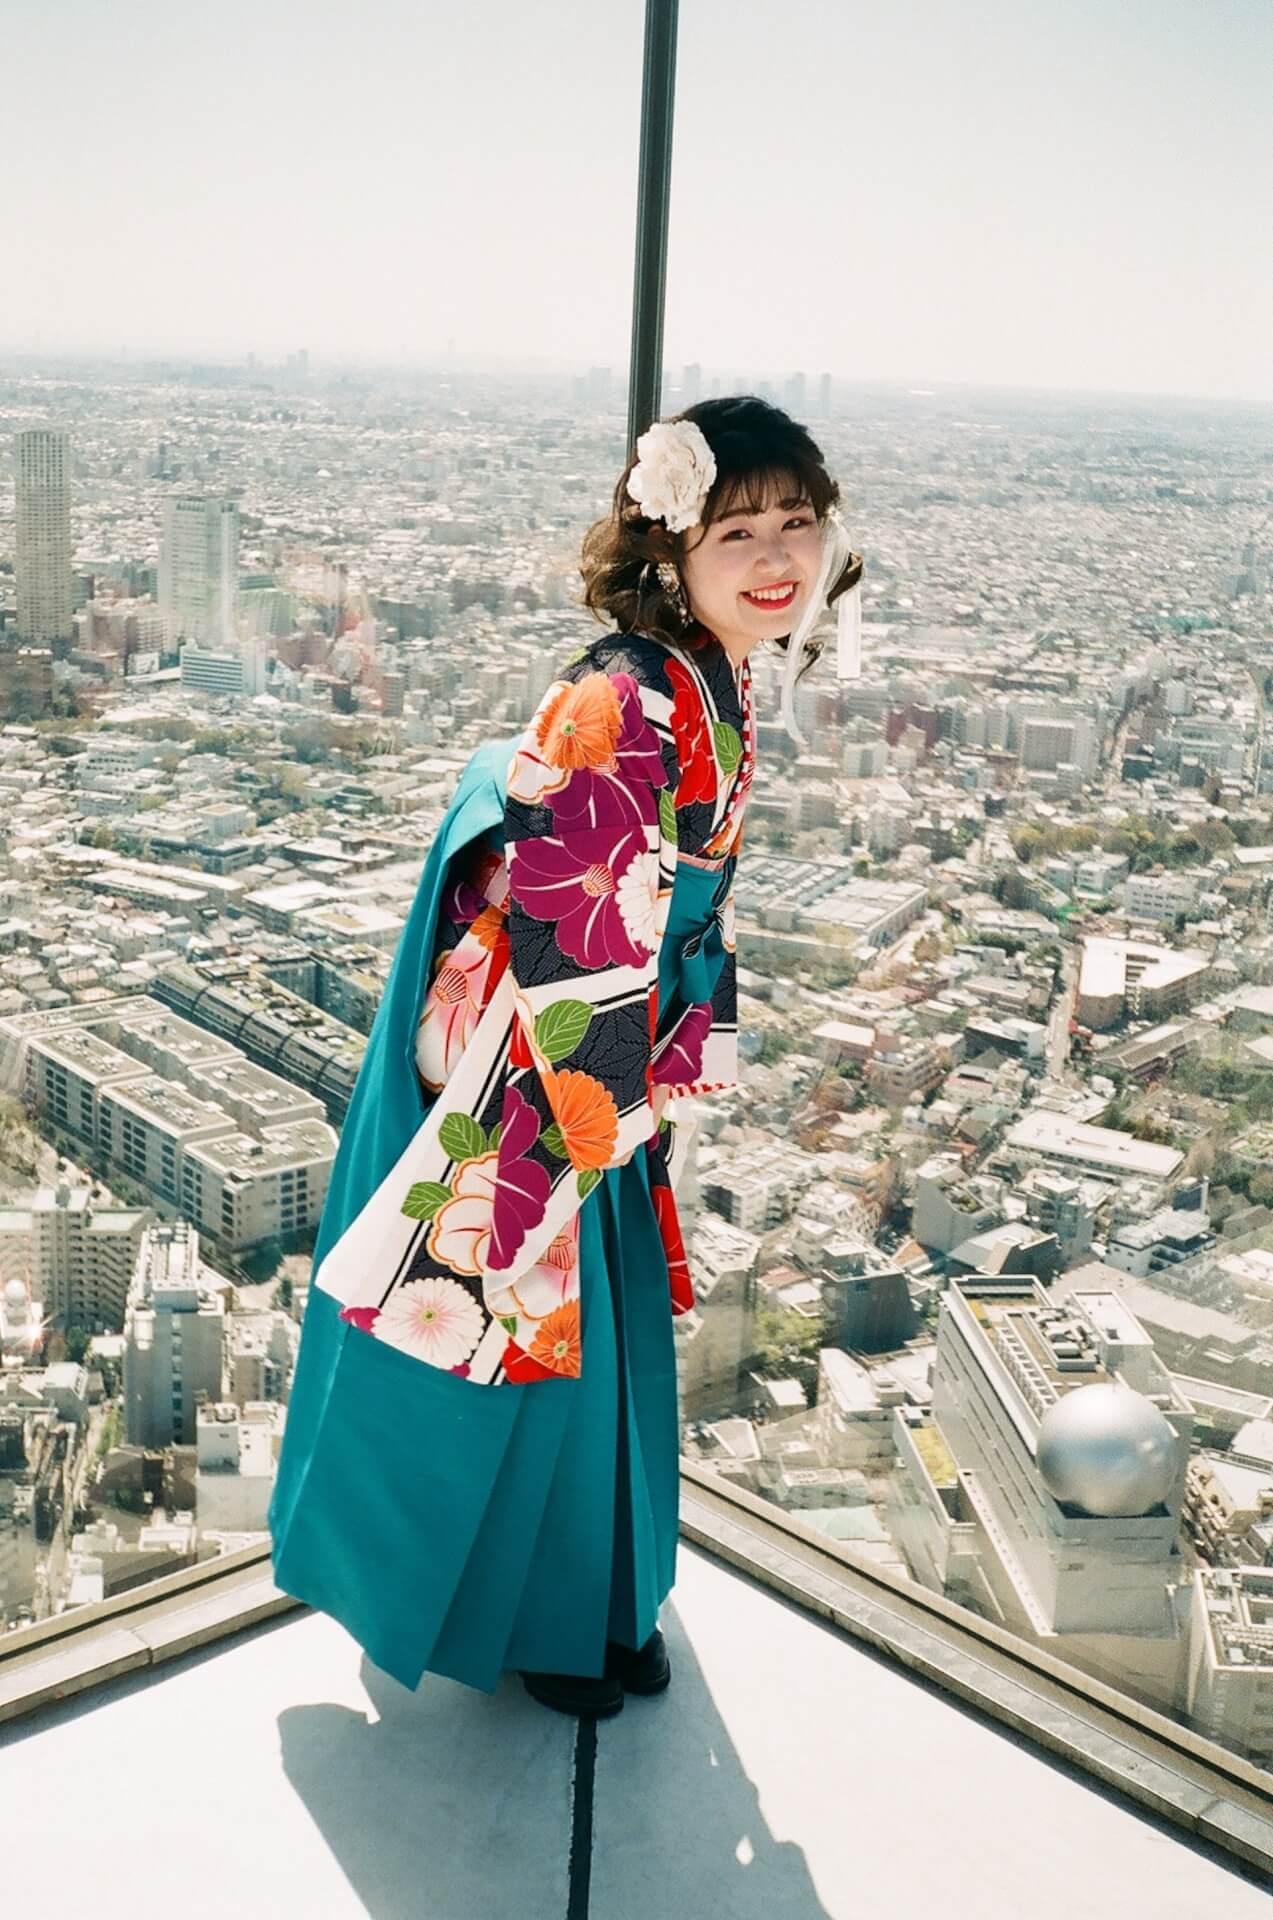 はなむけしゃしん - ぶるじょあ会「渋谷は日本のTOKYO」 art200415_hanamukeshashin5_7